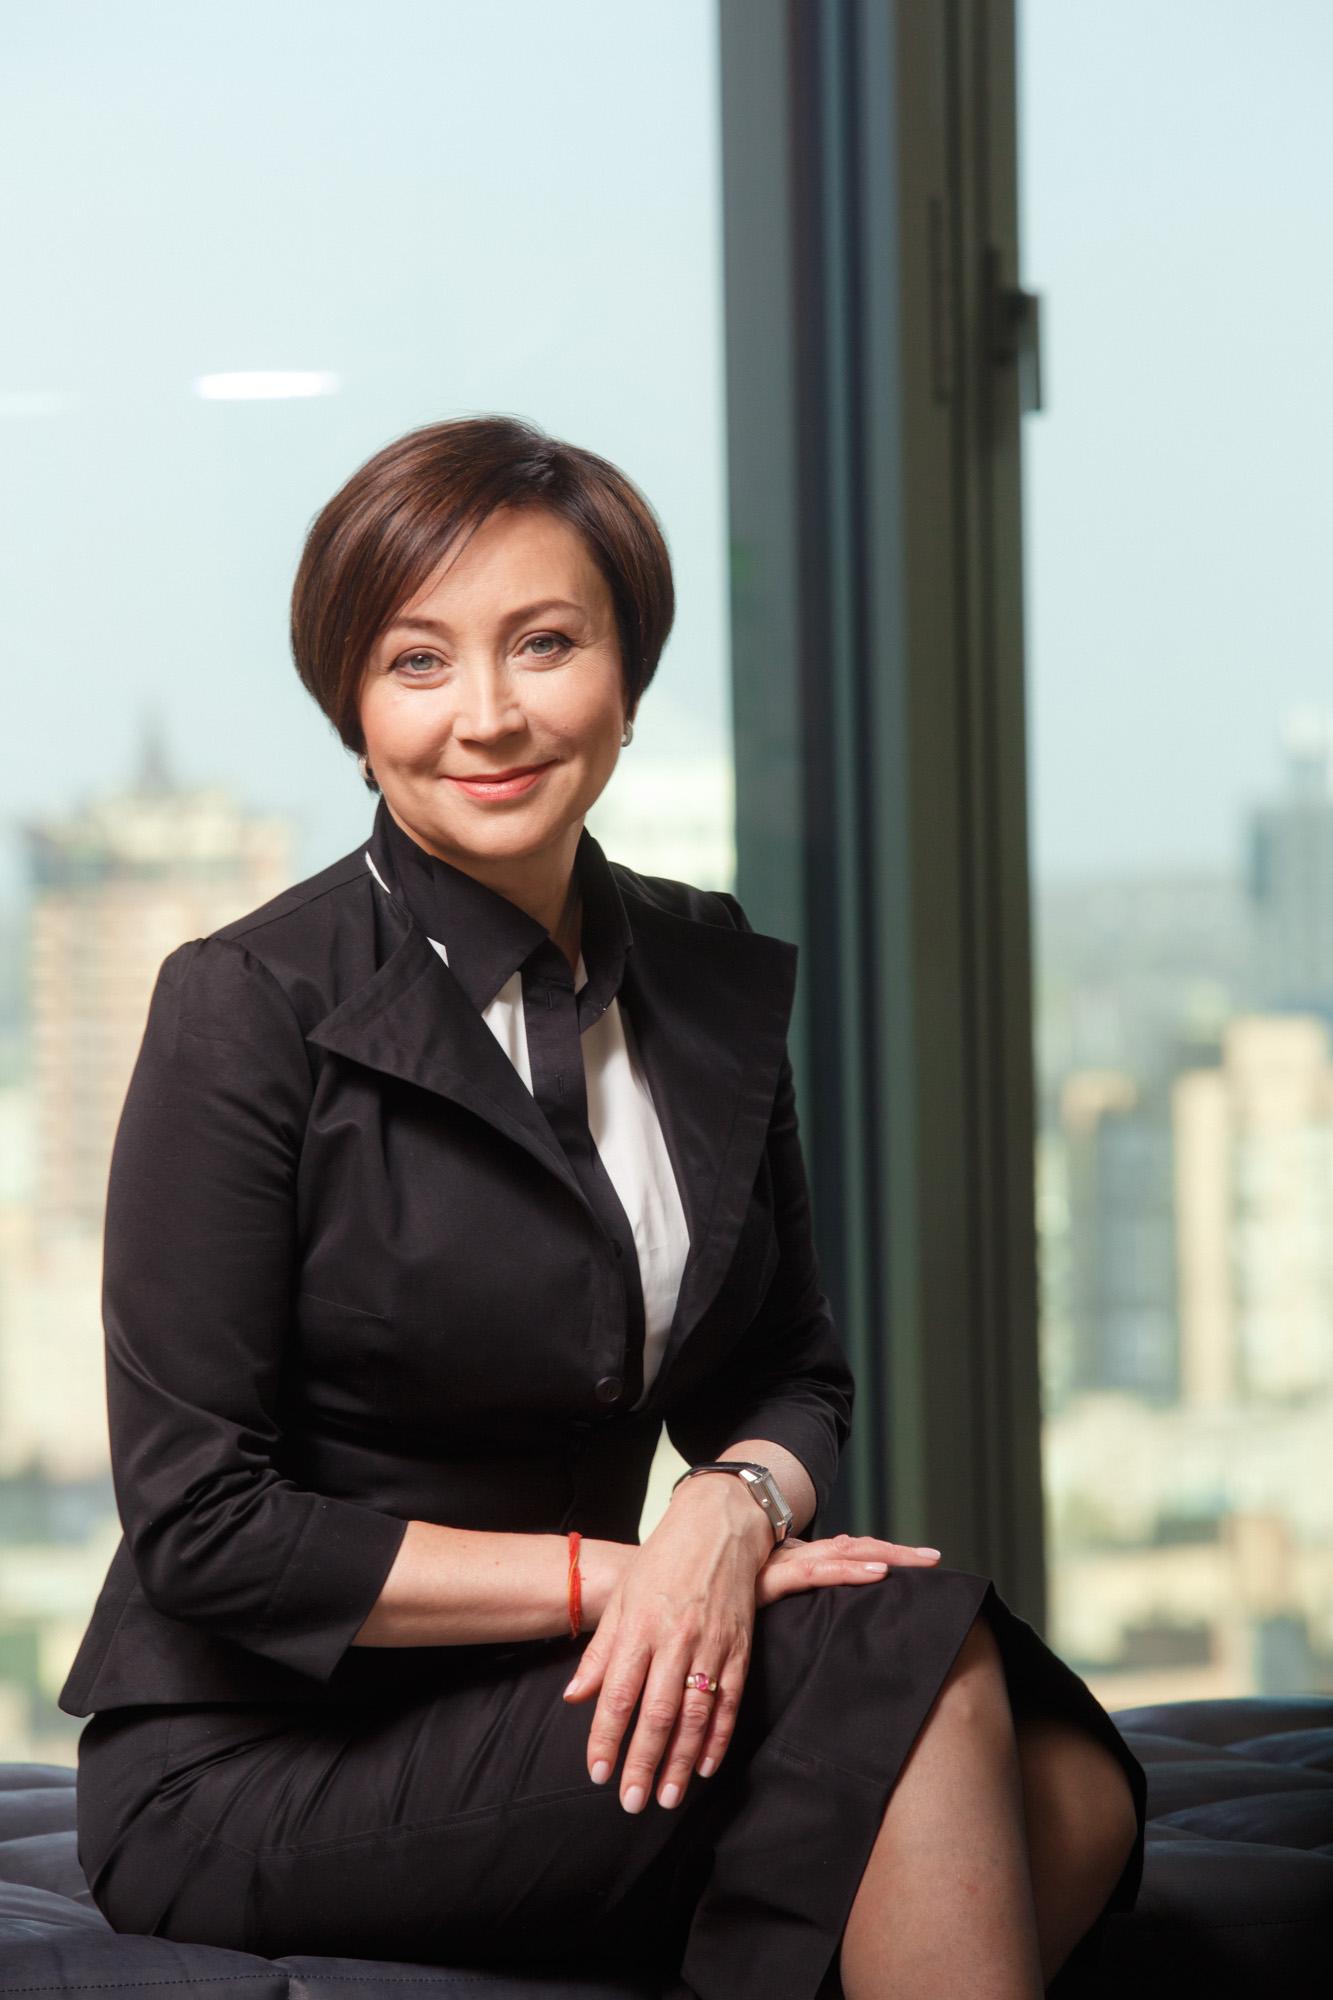 WoMo-портрет: Наталия Стрелкова